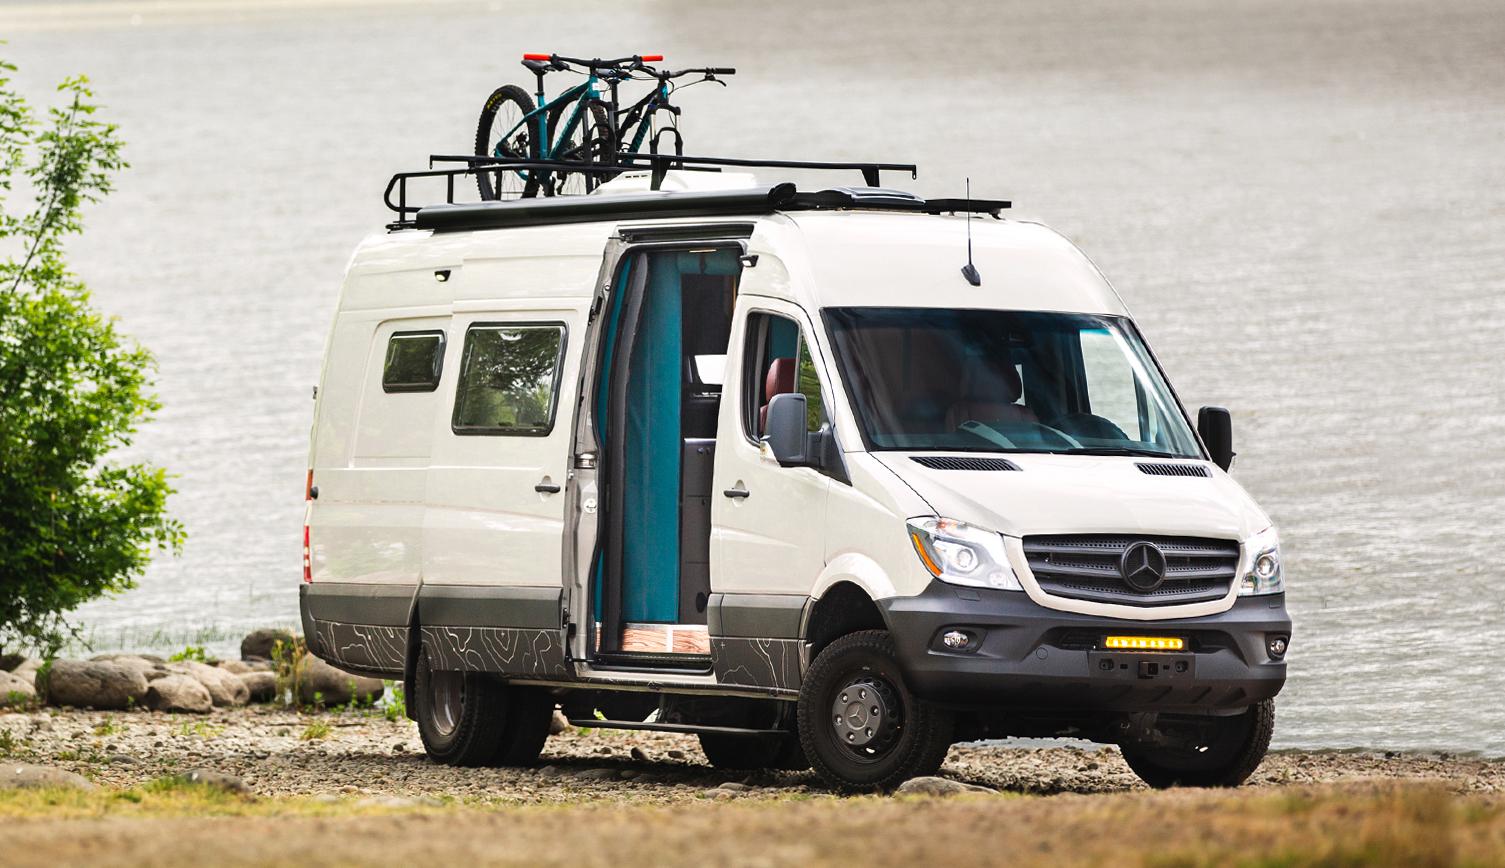 Dapper camper van combines luxury with adventure